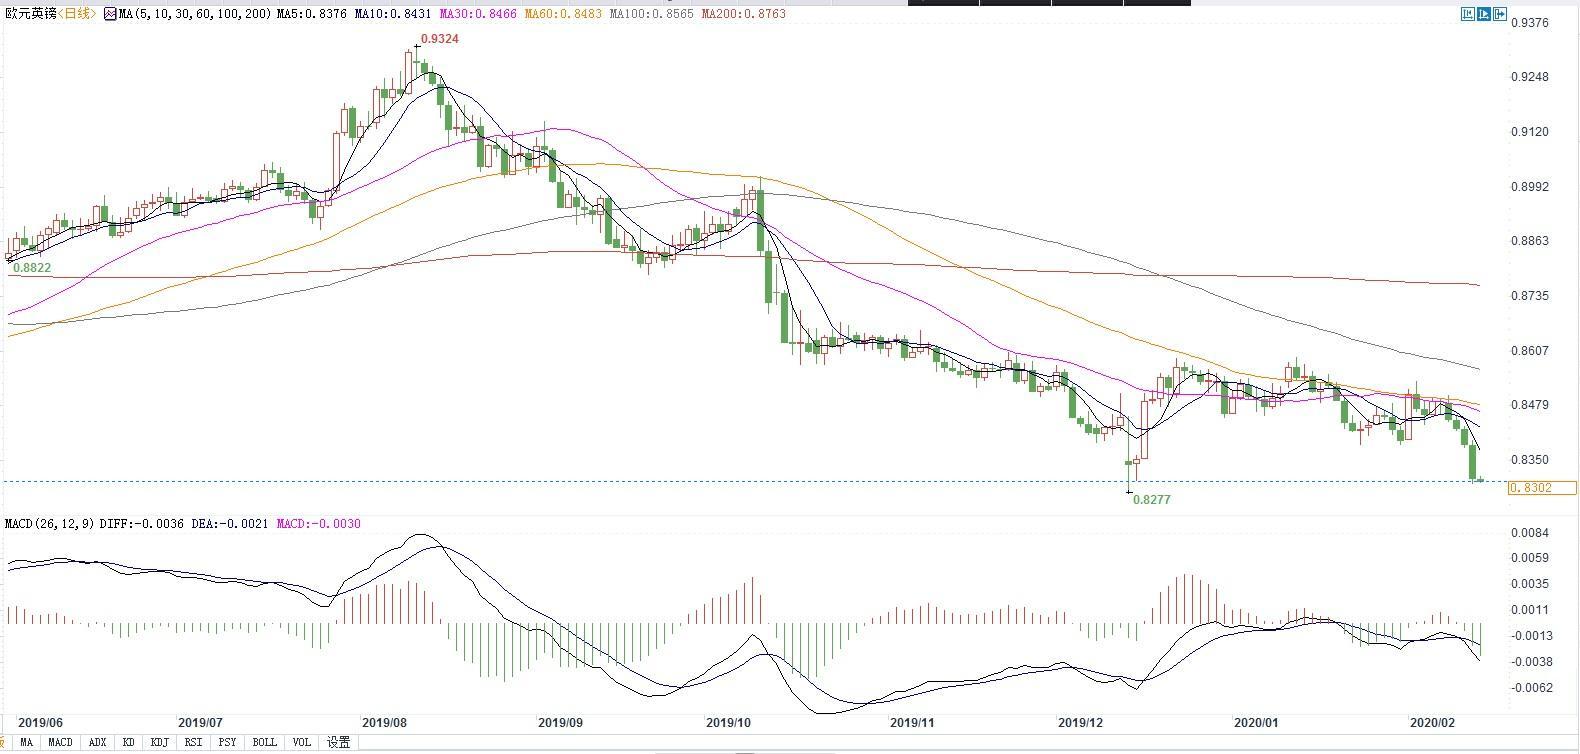 欧元区经济迎逆风 欧元还有苦日子要挨